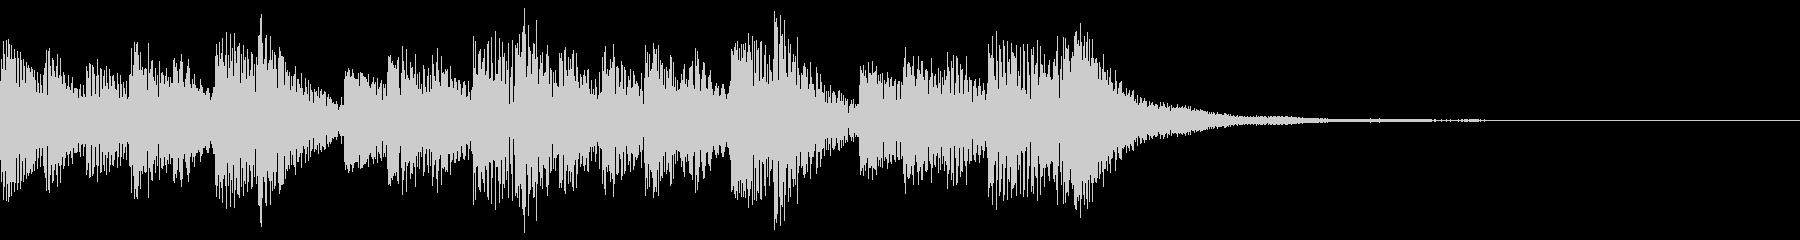 着信音 シンプルなマリンバの未再生の波形